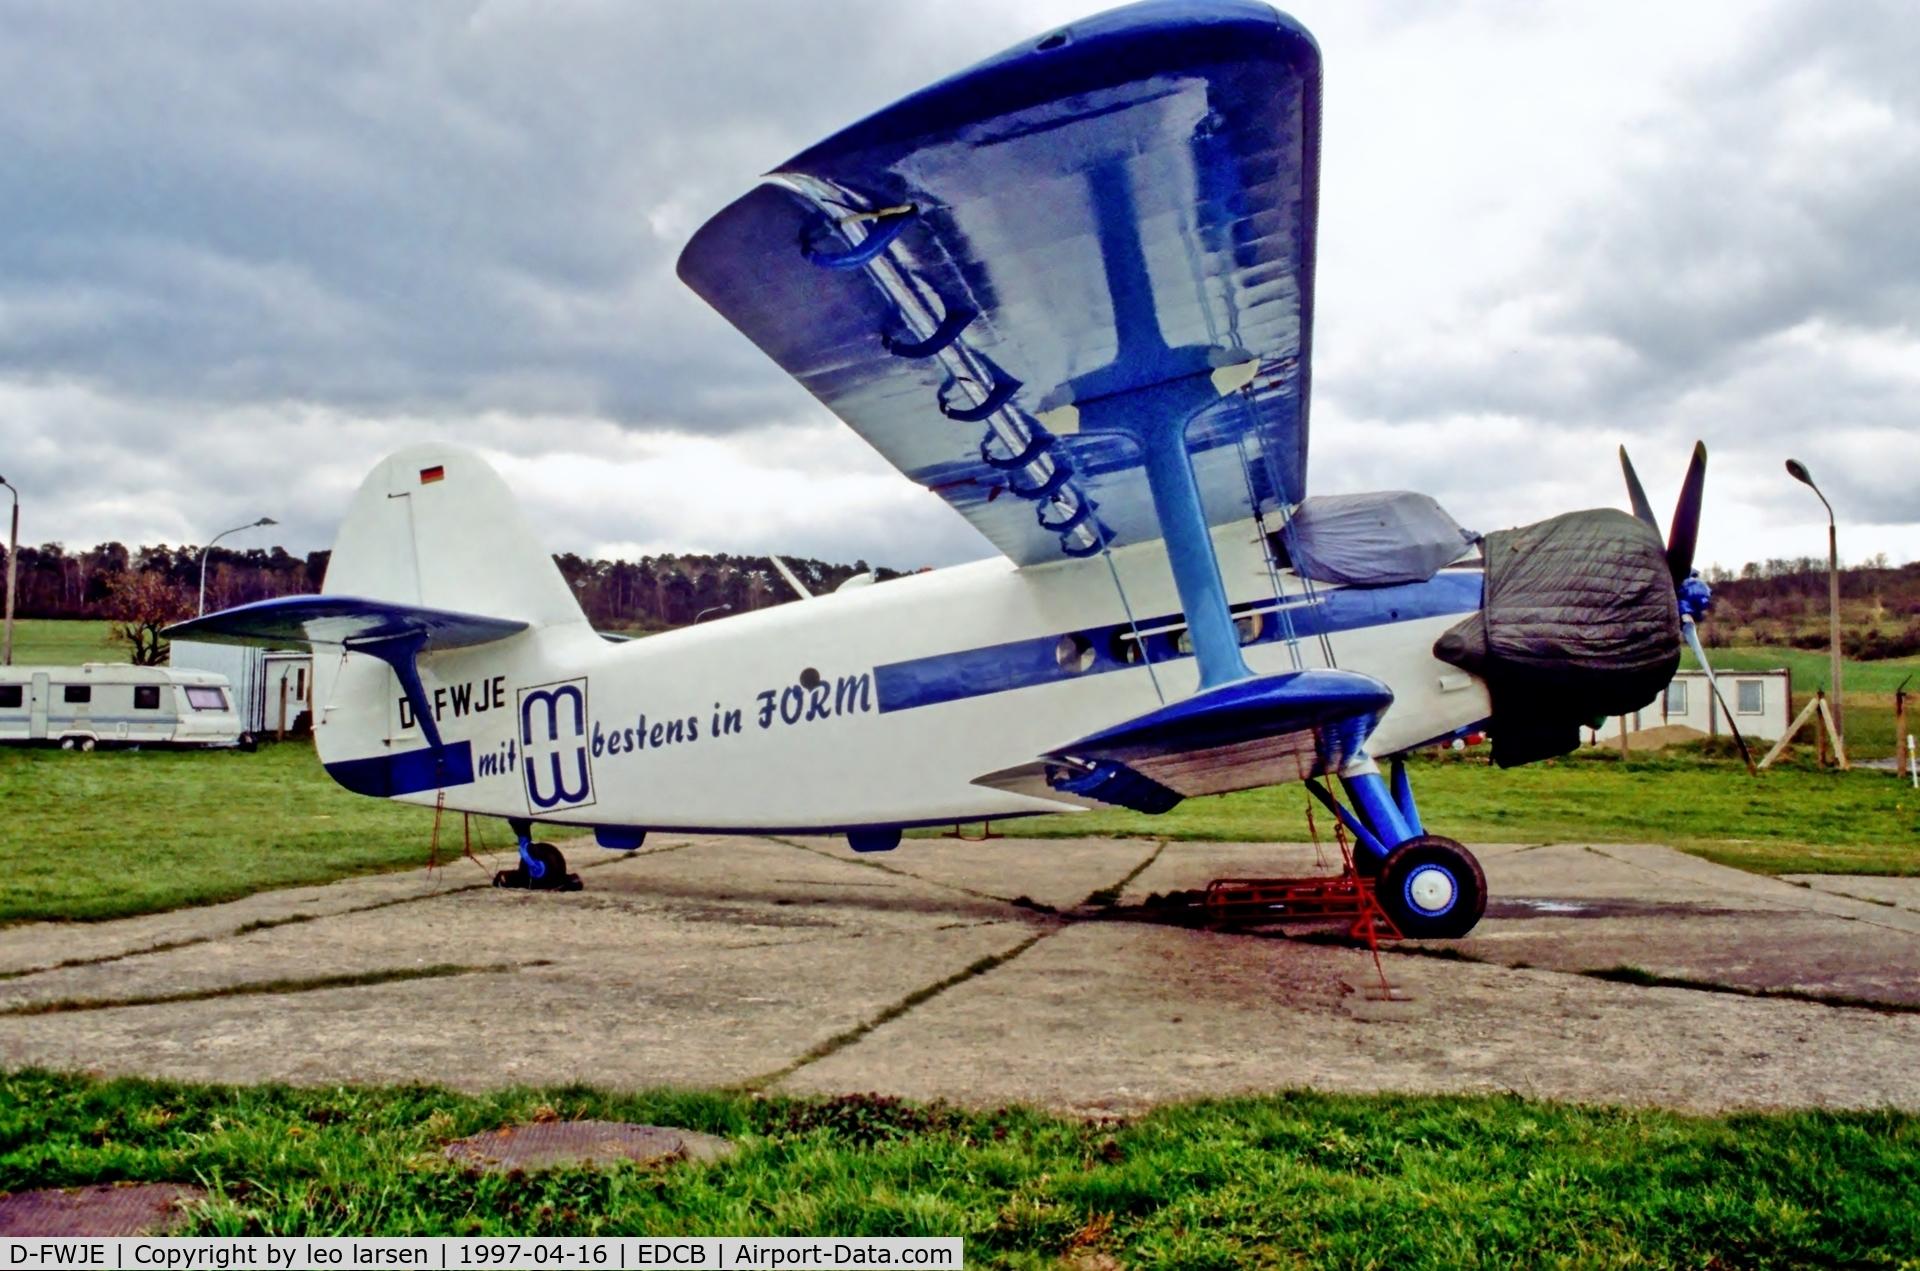 D-FWJE, 1991 Antonov An-2T C/N 1G106-69, Ballenstedt 16.4.1997